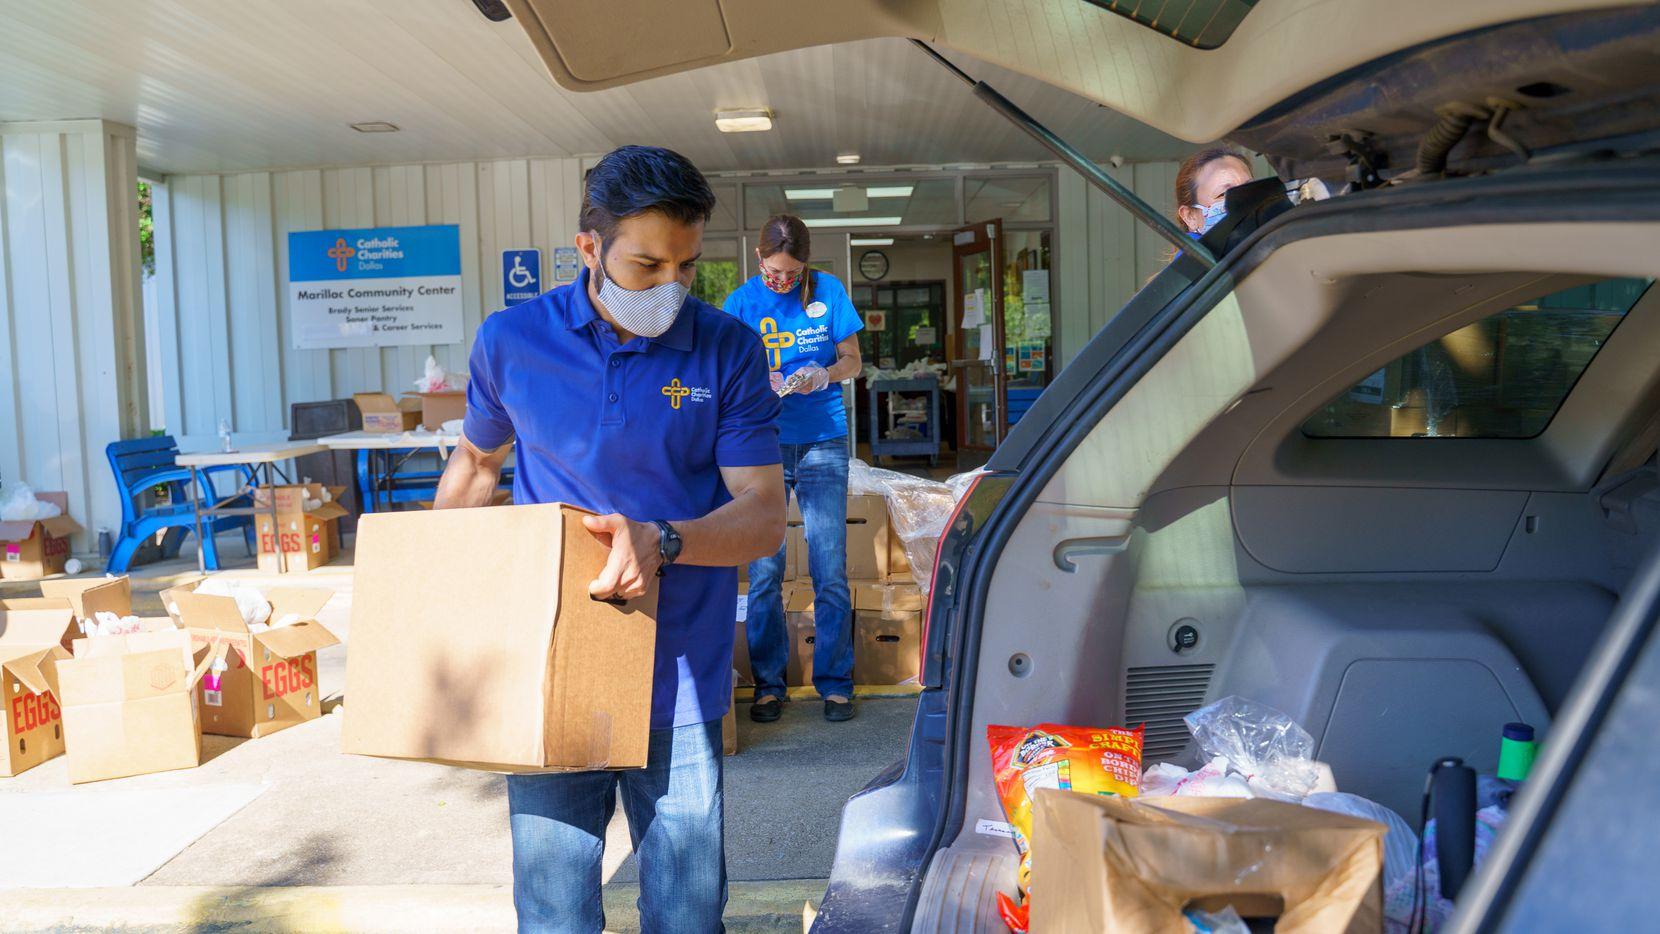 Caridades Católicas y el Tarrant Area Food bank cuentan con despensas fijas. El Tarrant Area Food Bank tendrá una entrega a gran escala y estará en planteles del Dallas College esta semana.